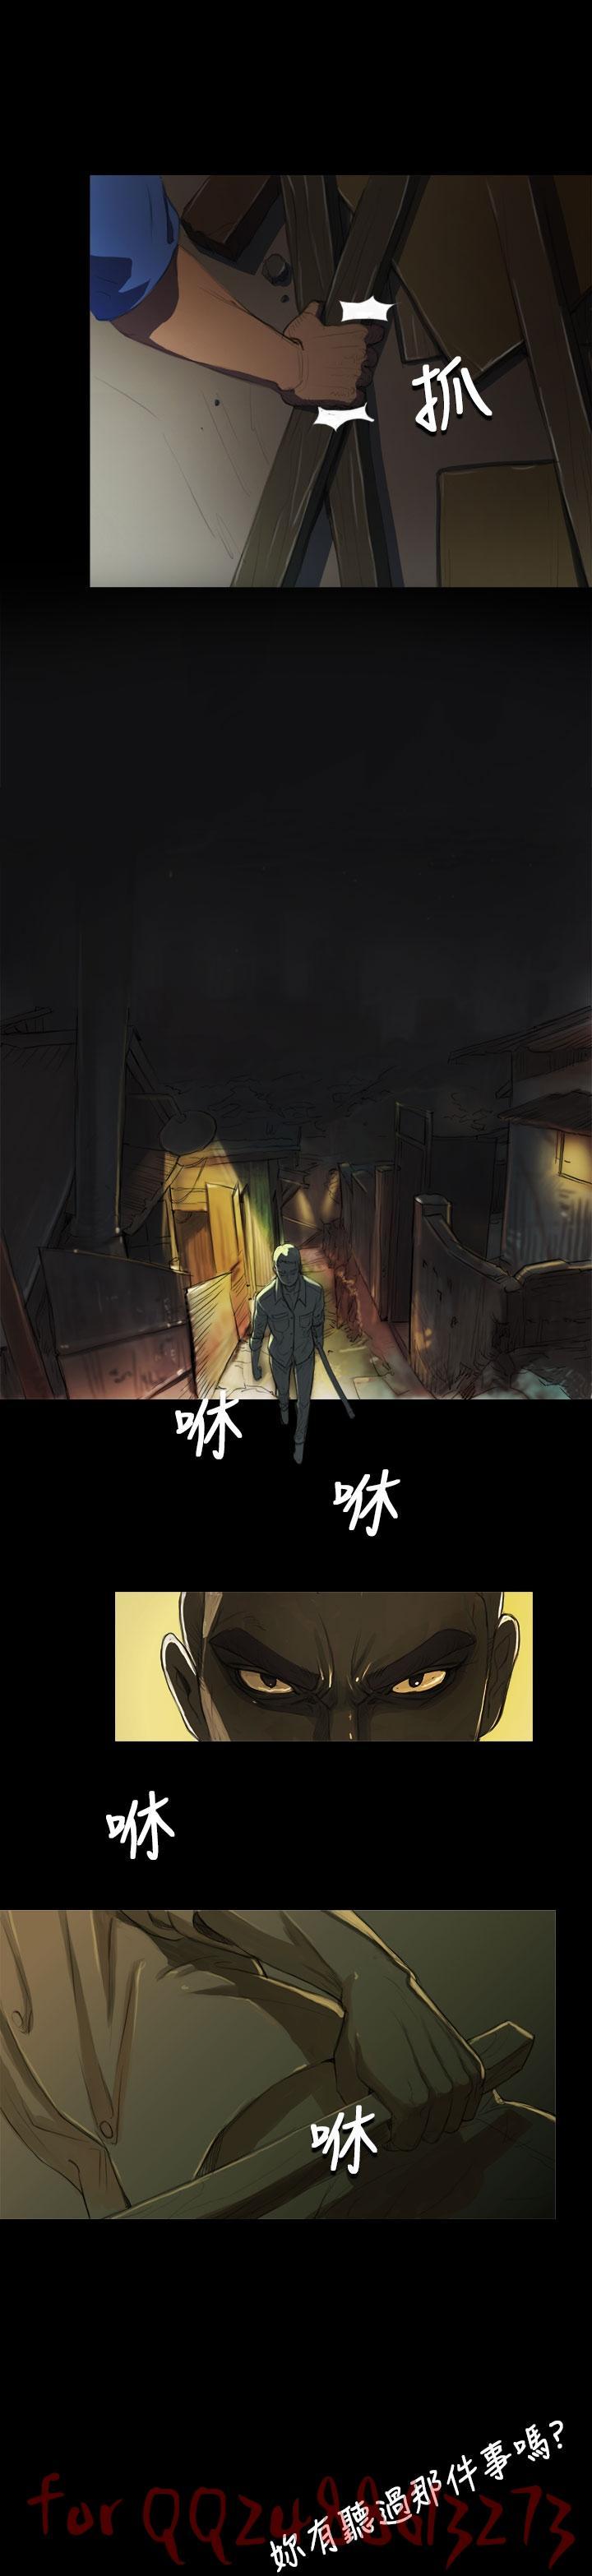 姊姊: 莲 第1~10話 [Chinese]中文 151